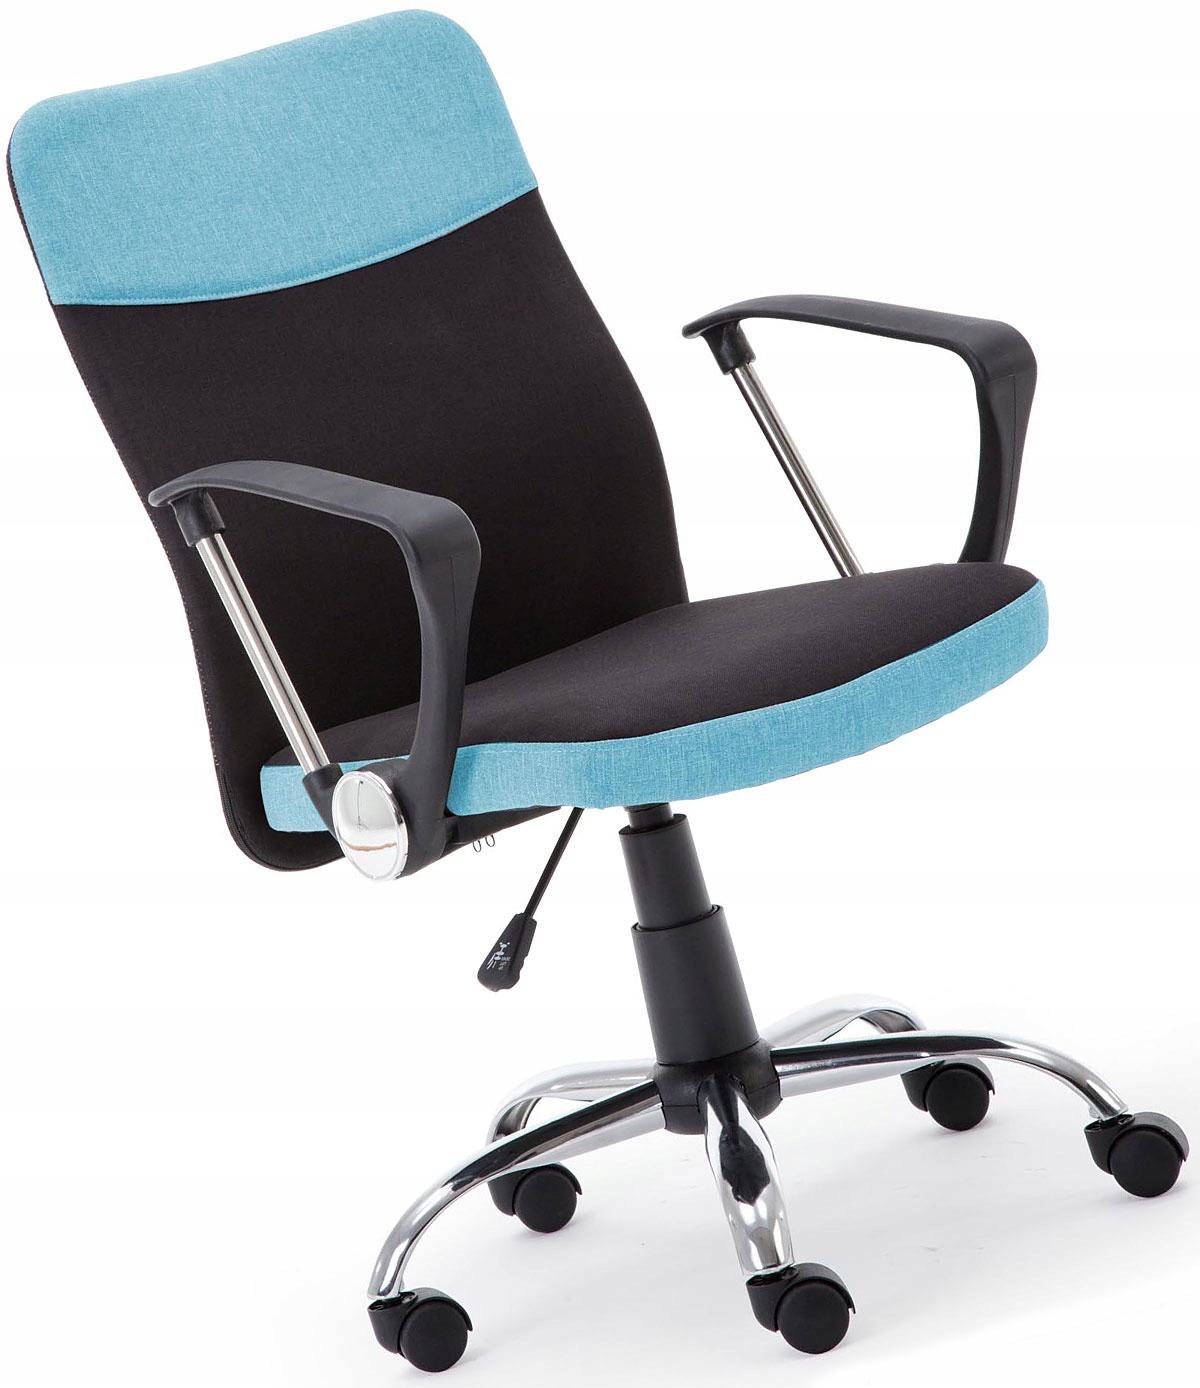 krzesło do biurka 614 1 yt